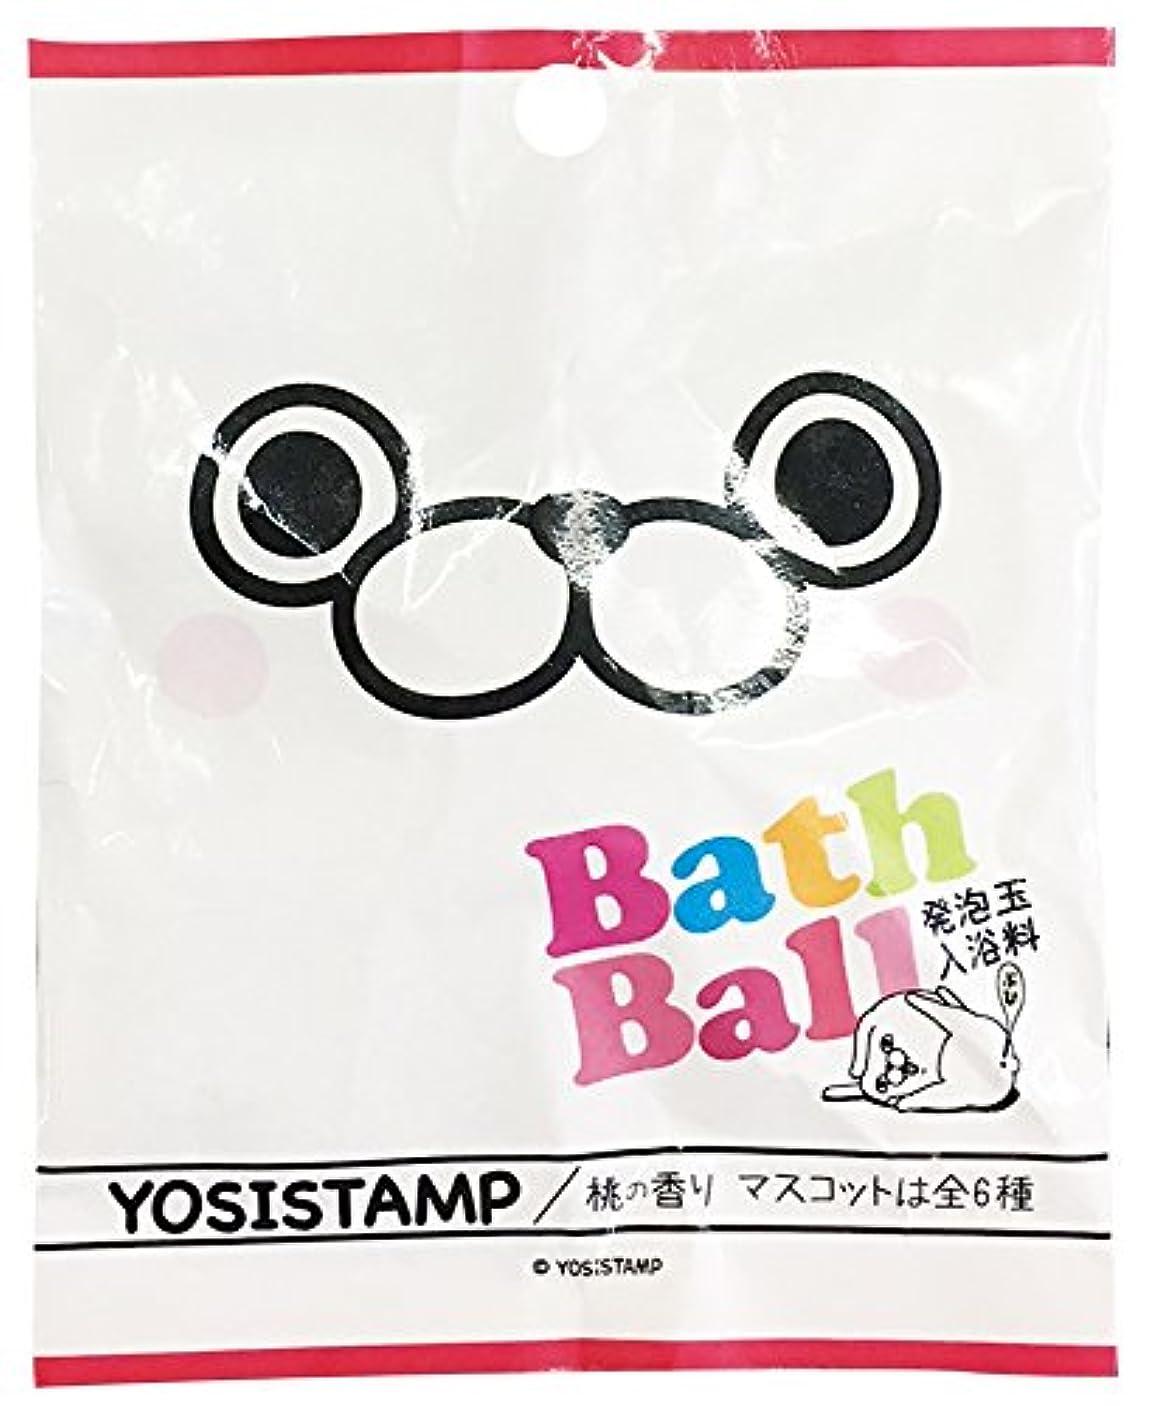 放散する囲まれたシルクヨッシースタンプ 入浴剤 バスボール おまけ付き 桃の香り ABD-004-001